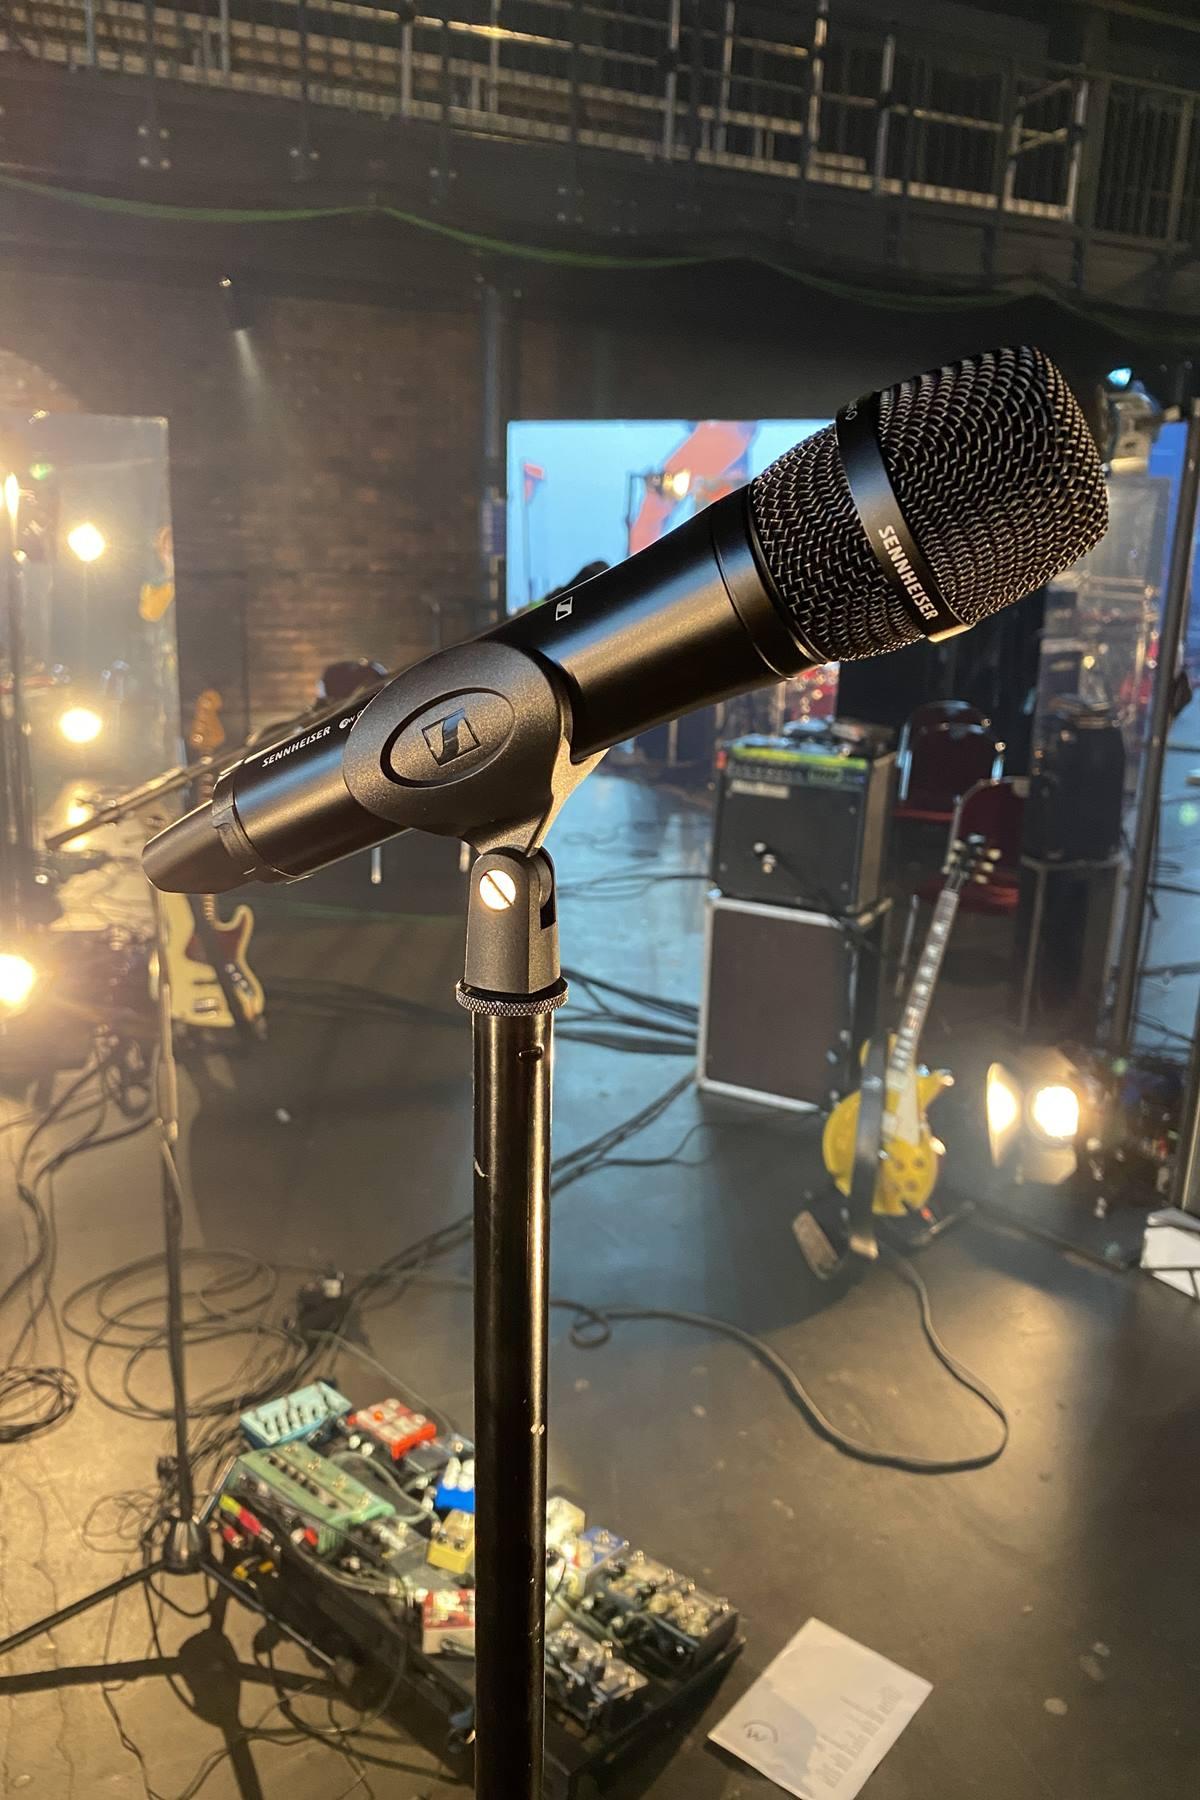 Micrófonos con cable y sistemas inalámbricos ew 500 G4 de Sennheiser